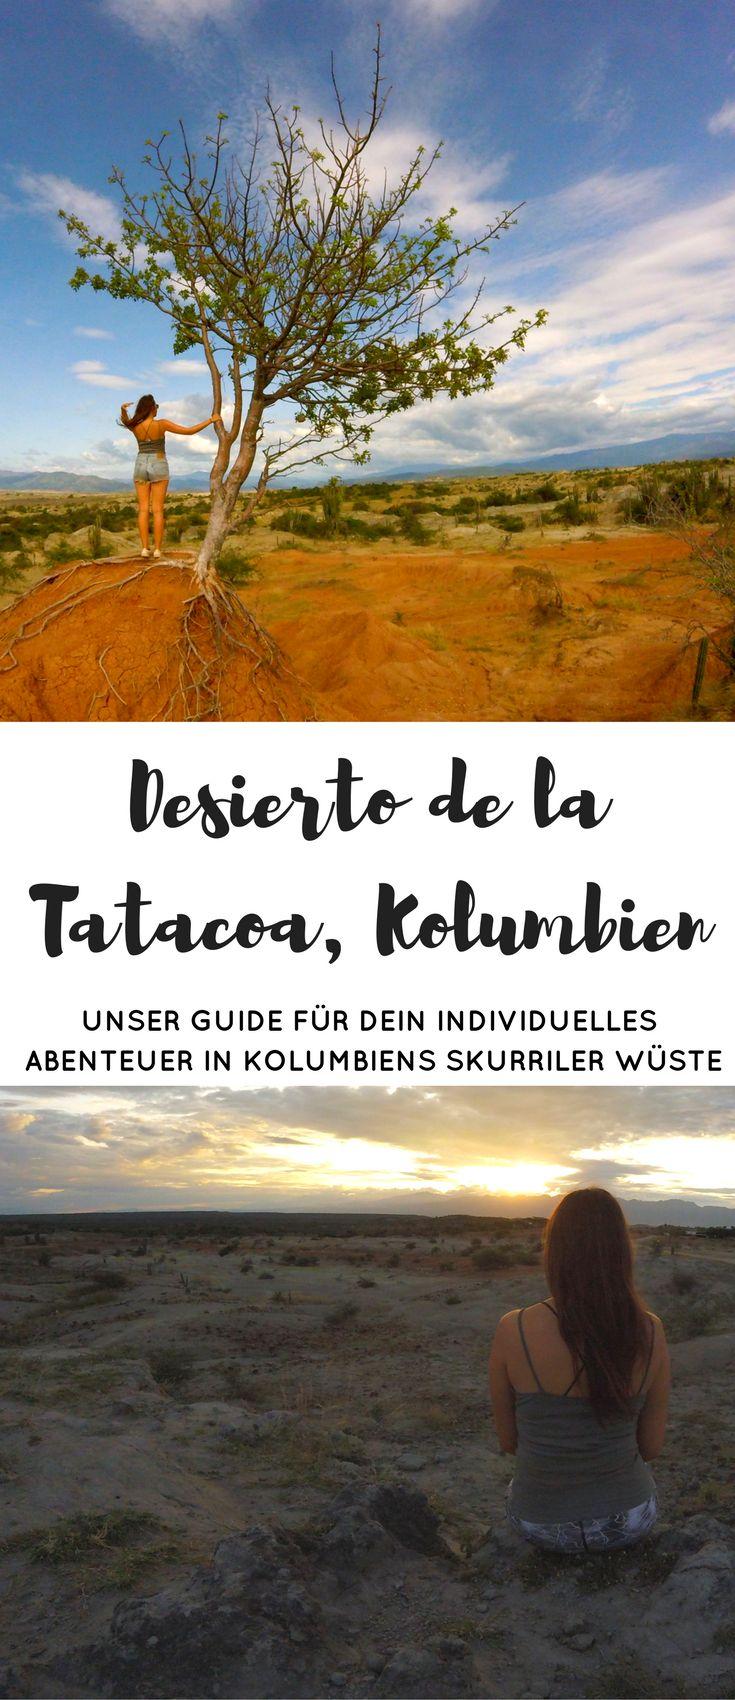 Alle Infos für deine individuelle Reise in die Tatacoa Wüste in Kolumbien! Hier findest du Tipps für die Anreise, das Finden einer tollen Unterkunft und Sehenswürdigkeiten in der Desierto de la Tatacoa. Eines unserer Highlights bei unserer Reise durch Kolumbien! #reisen #backpacking #kolumbien #urlaub #tatacoa #desert #reisebericht